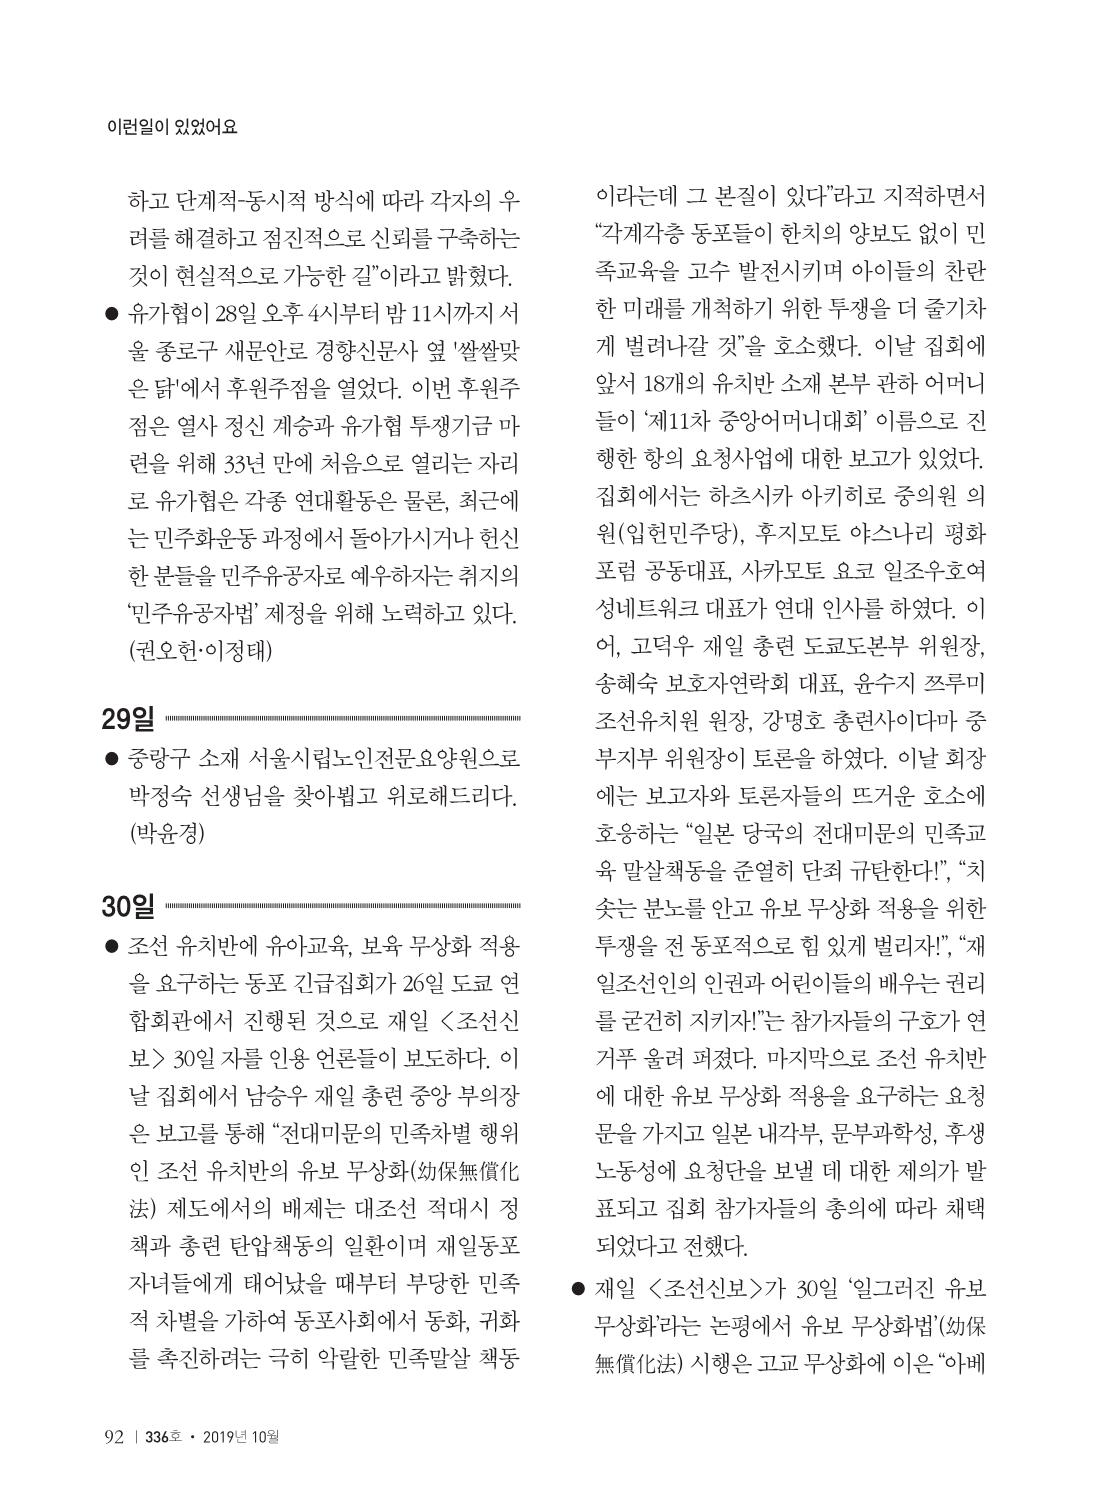 154780e2-c93e-4795-937d-bbcc14642e29.pdf-0094.jpg